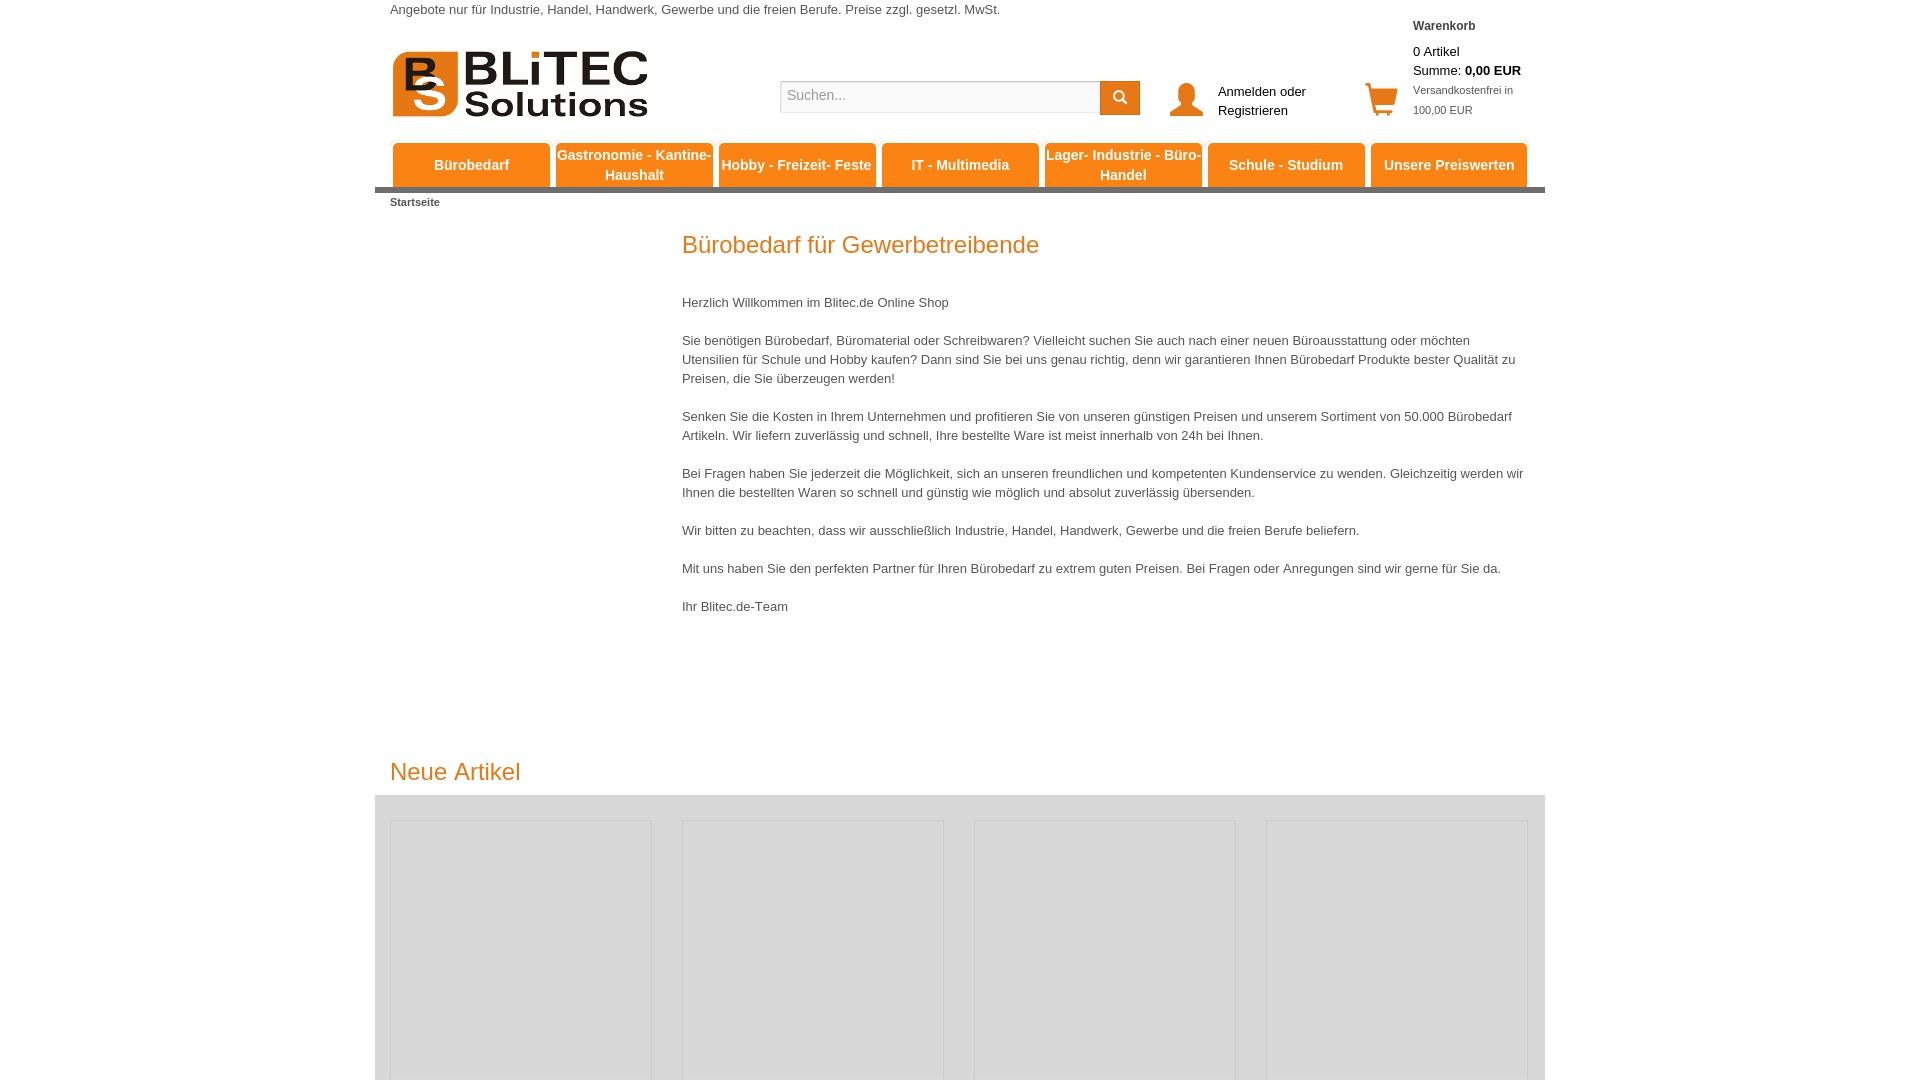 Gutschein für Blitec: Rabatte für  Blitec sichern